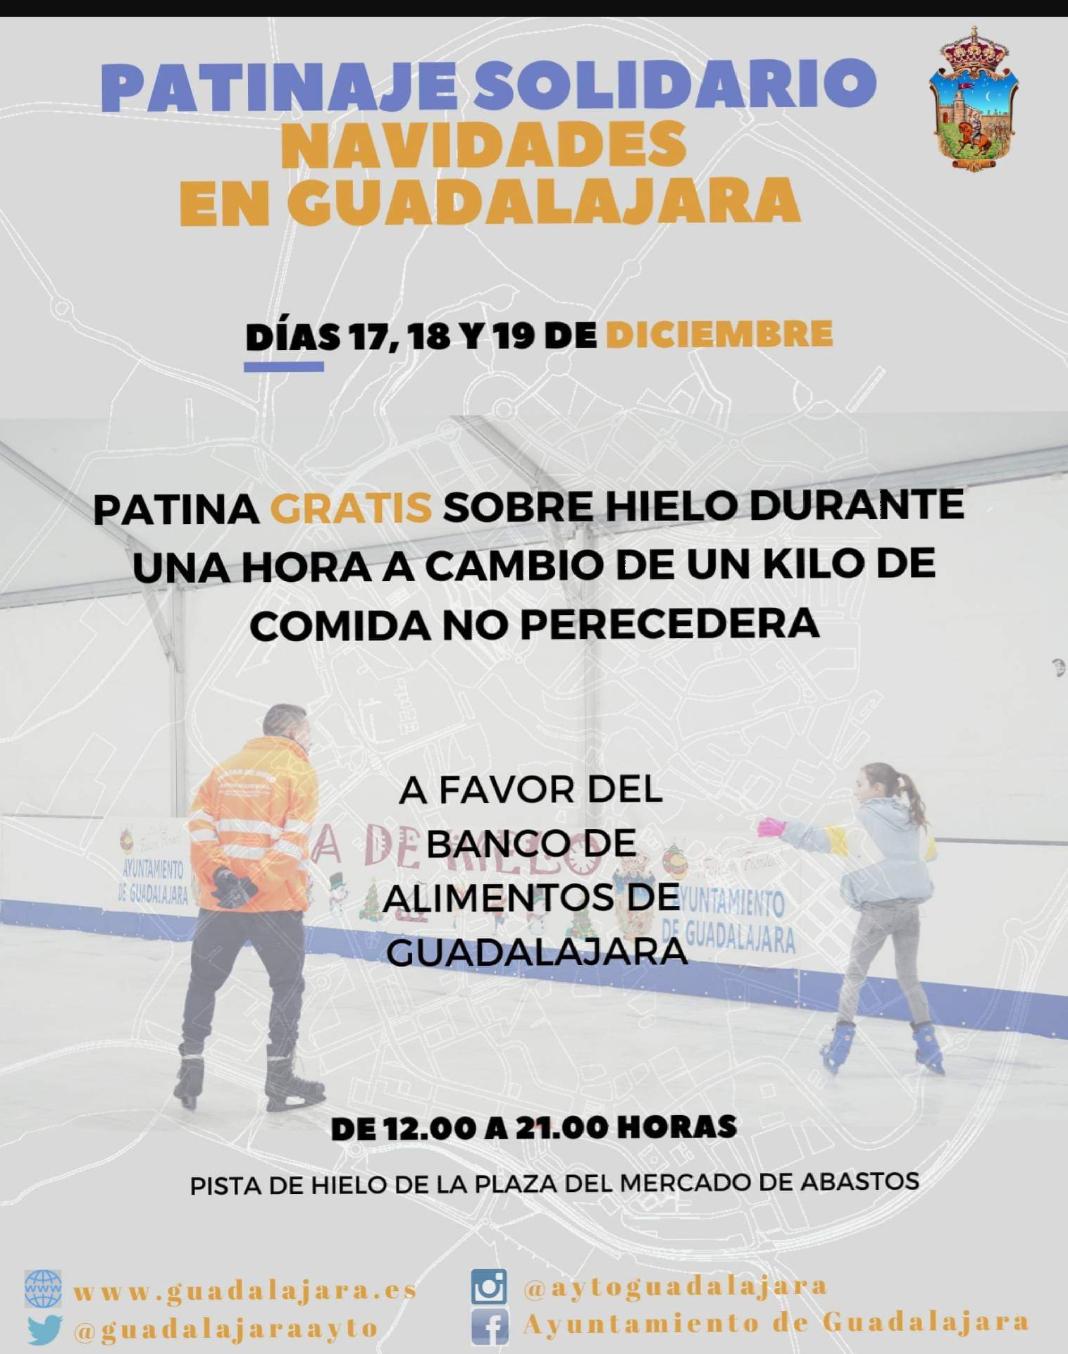 Una hora de pista de hielo gratis por un kilo de comida. Guadalajara